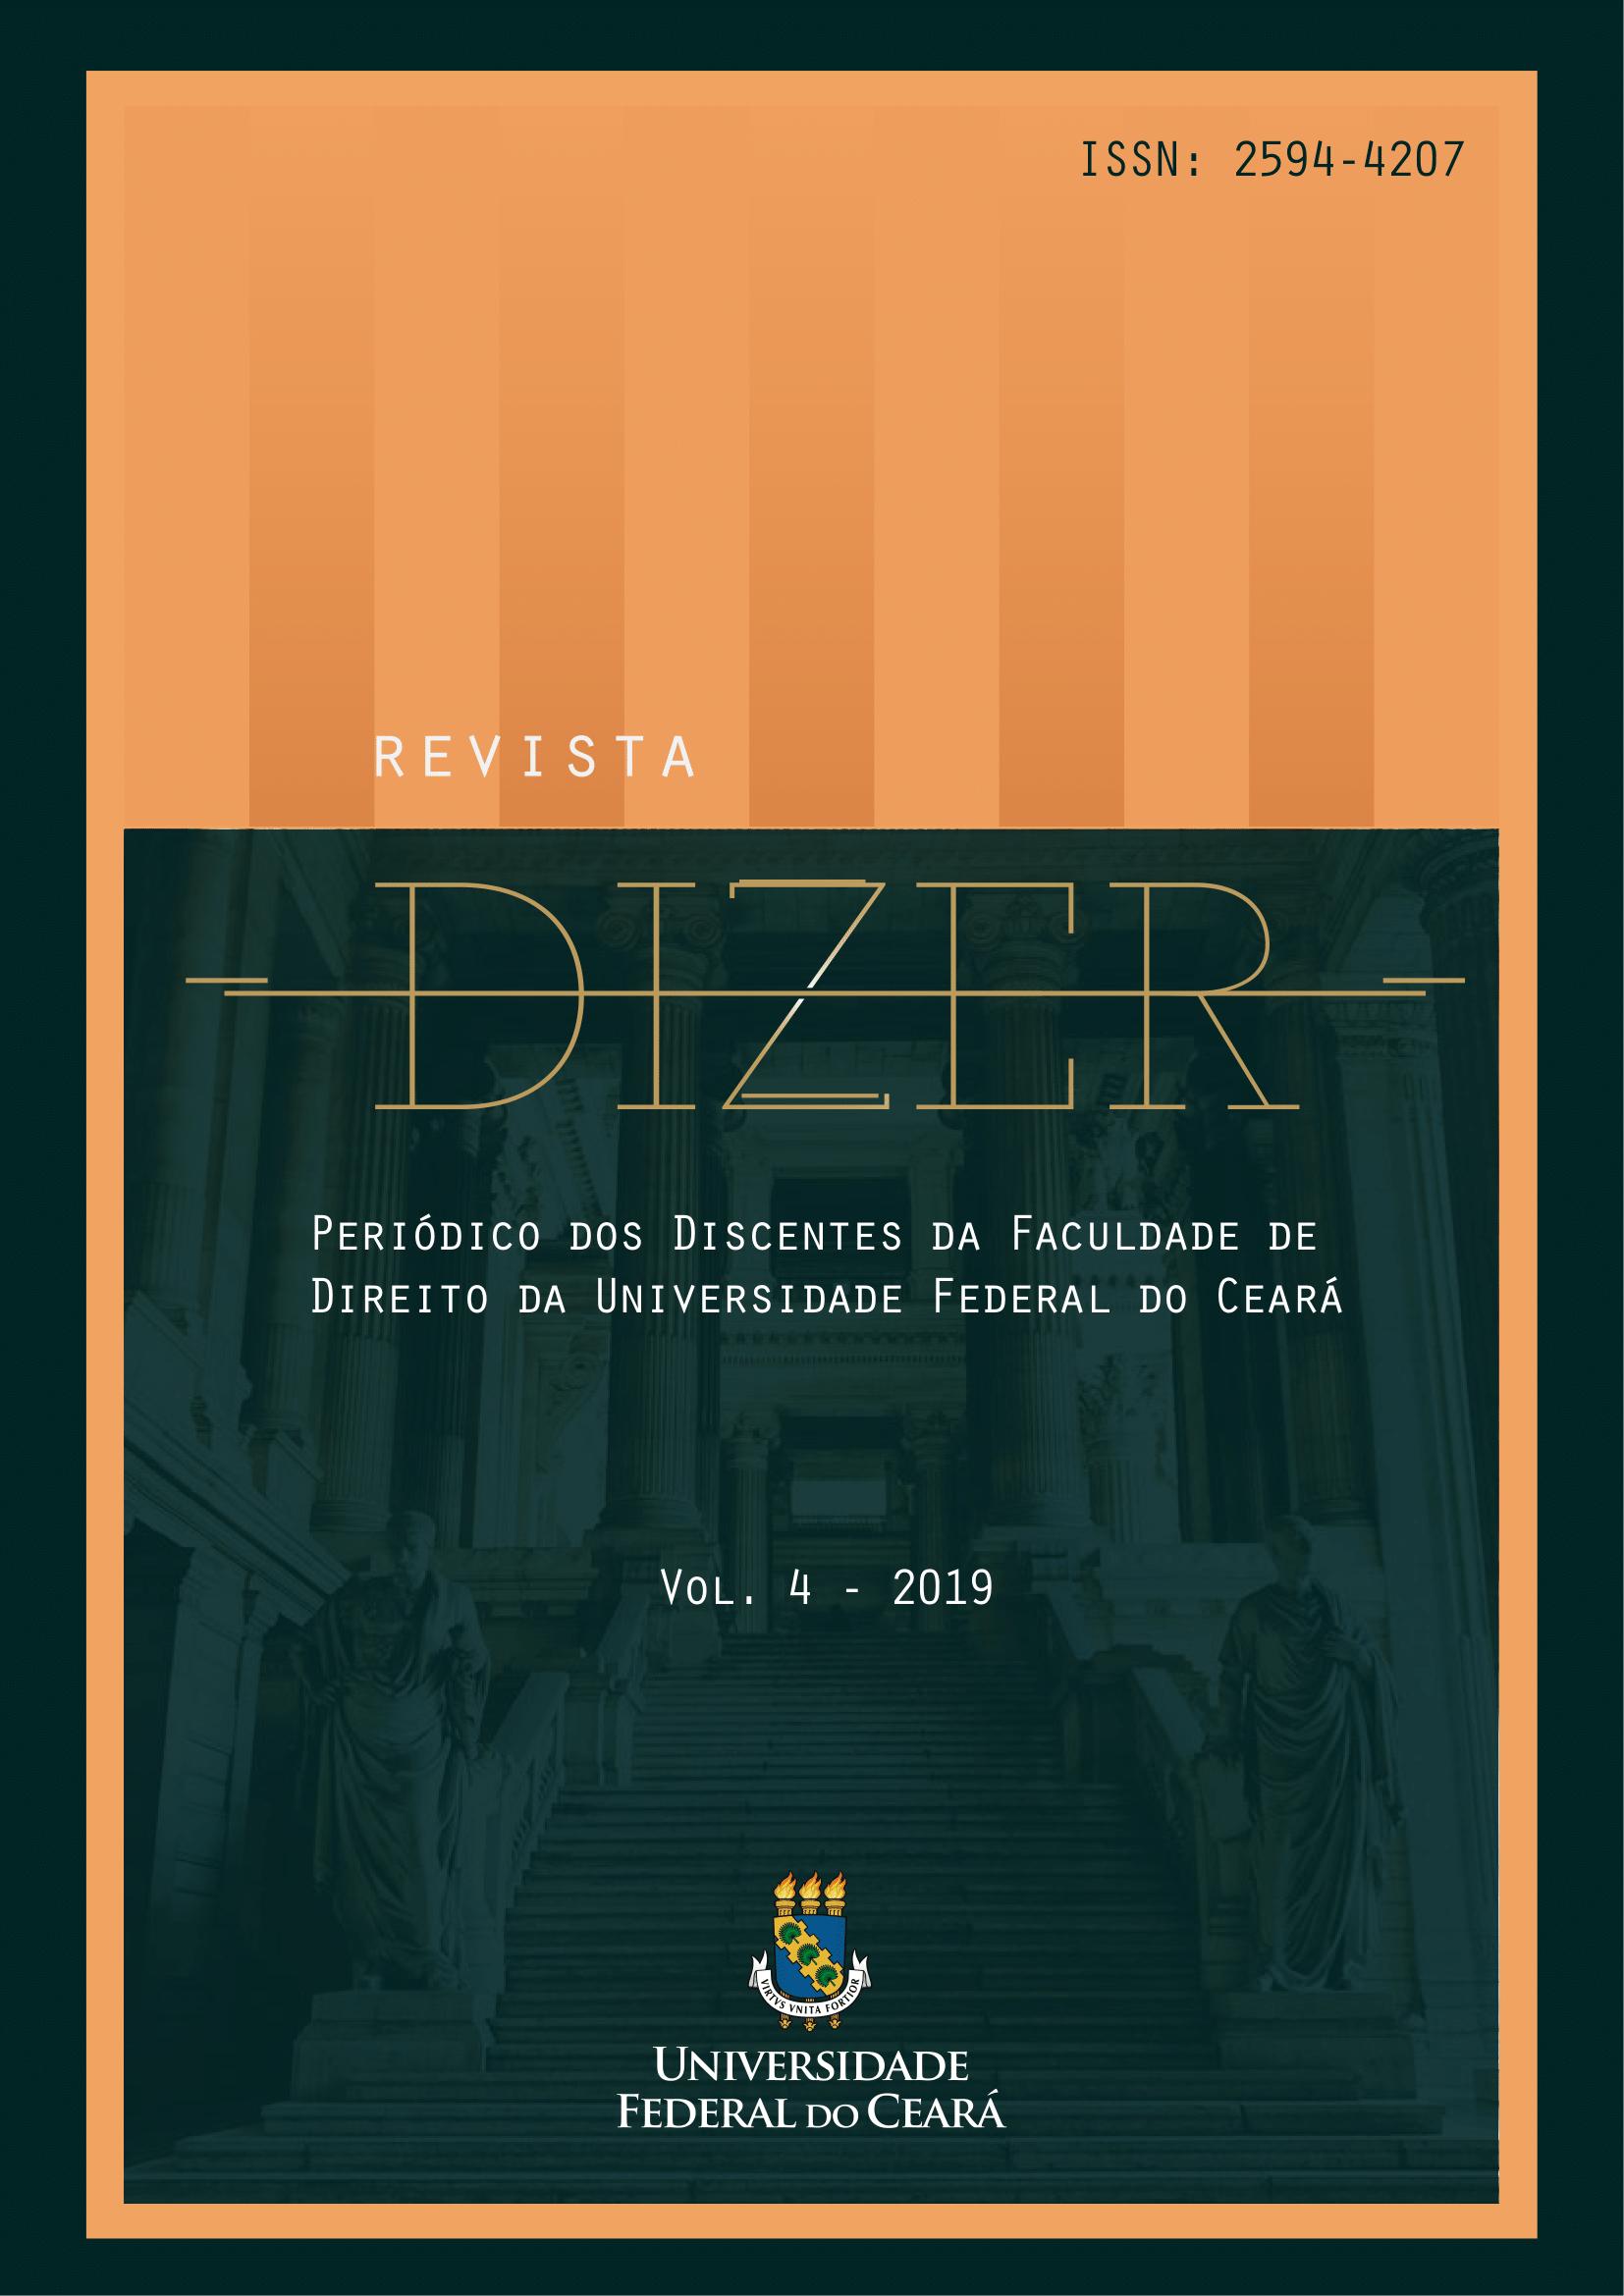 Revista Dizer